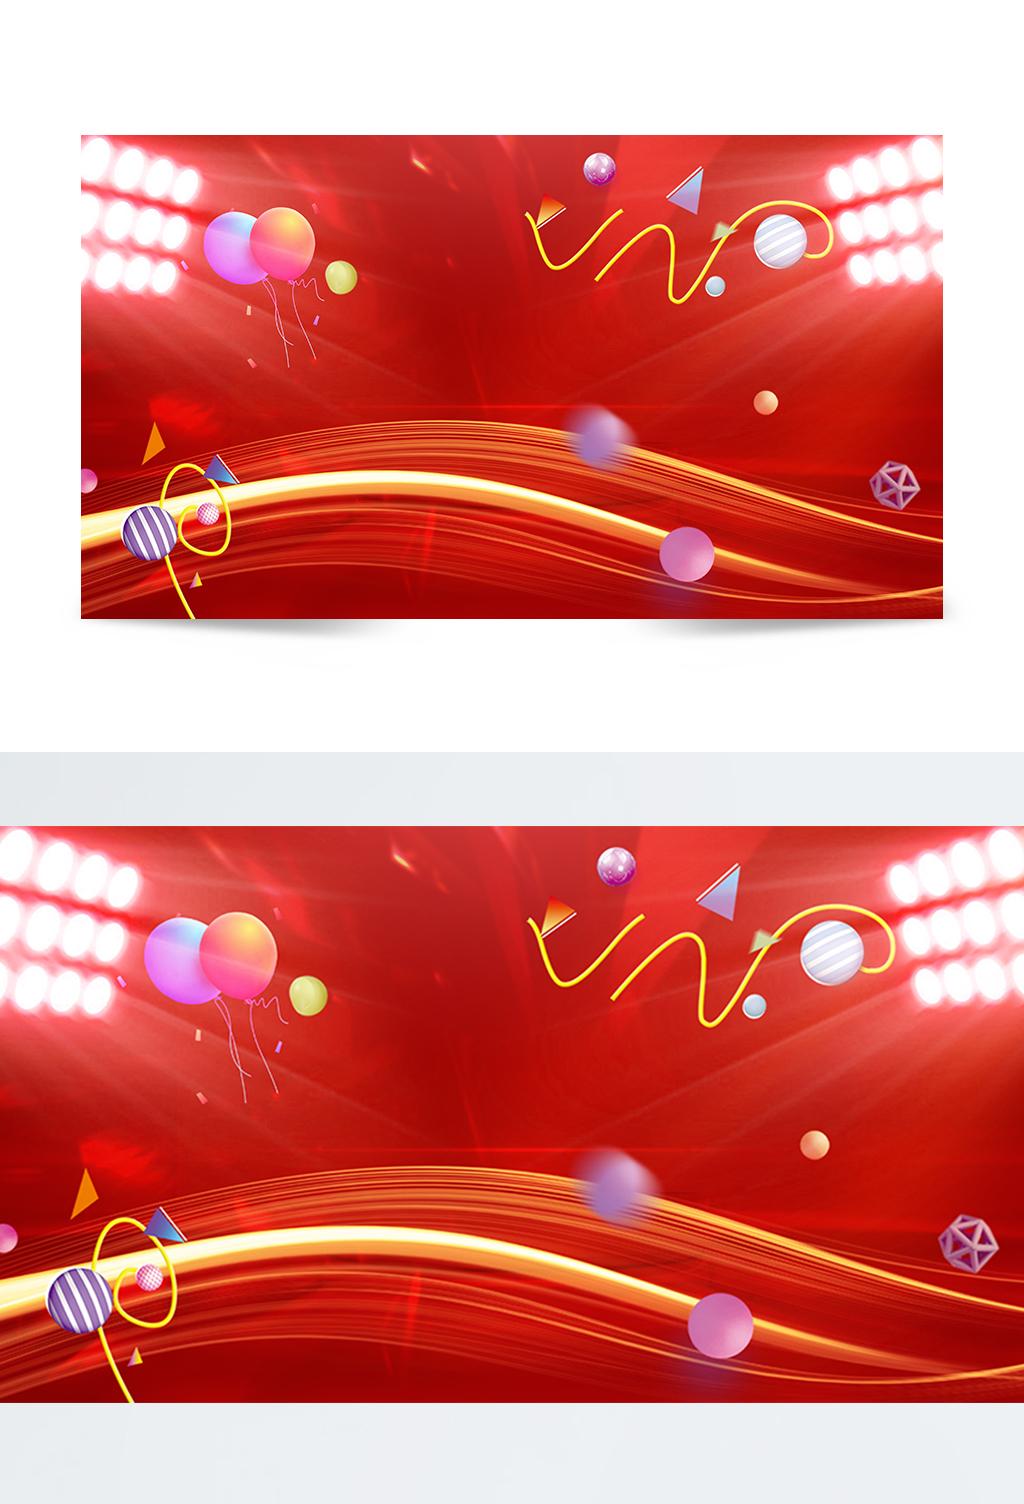 红色节日喜庆灯光背景